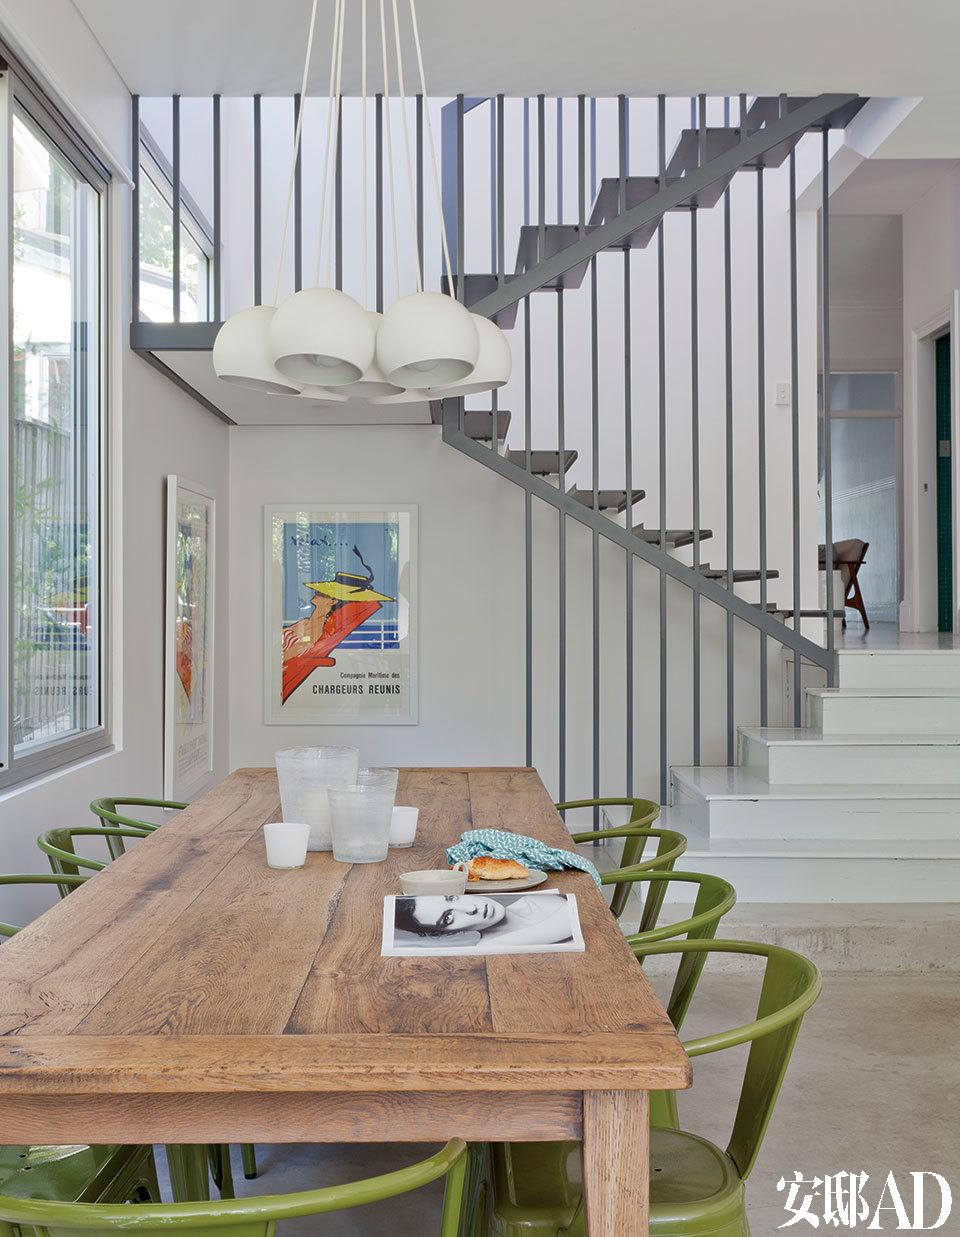 """绿色餐椅与窗外景致呼应,木质餐桌与钢结构楼梯则冲撞出原始与现代的双重气息。餐桌旁挂着两幅欧洲的海报,主人购买于夏威夷。其中正对餐桌的那一幅名为""""Relax"""",是René Gruau 1961年的作品。餐椅是Matt Blatt绿色复刻版Tolix餐椅。吊灯是来自Hub Furniture的白色Toss-B 7球吊灯,桌上的花瓶则来自The Country Trader。"""